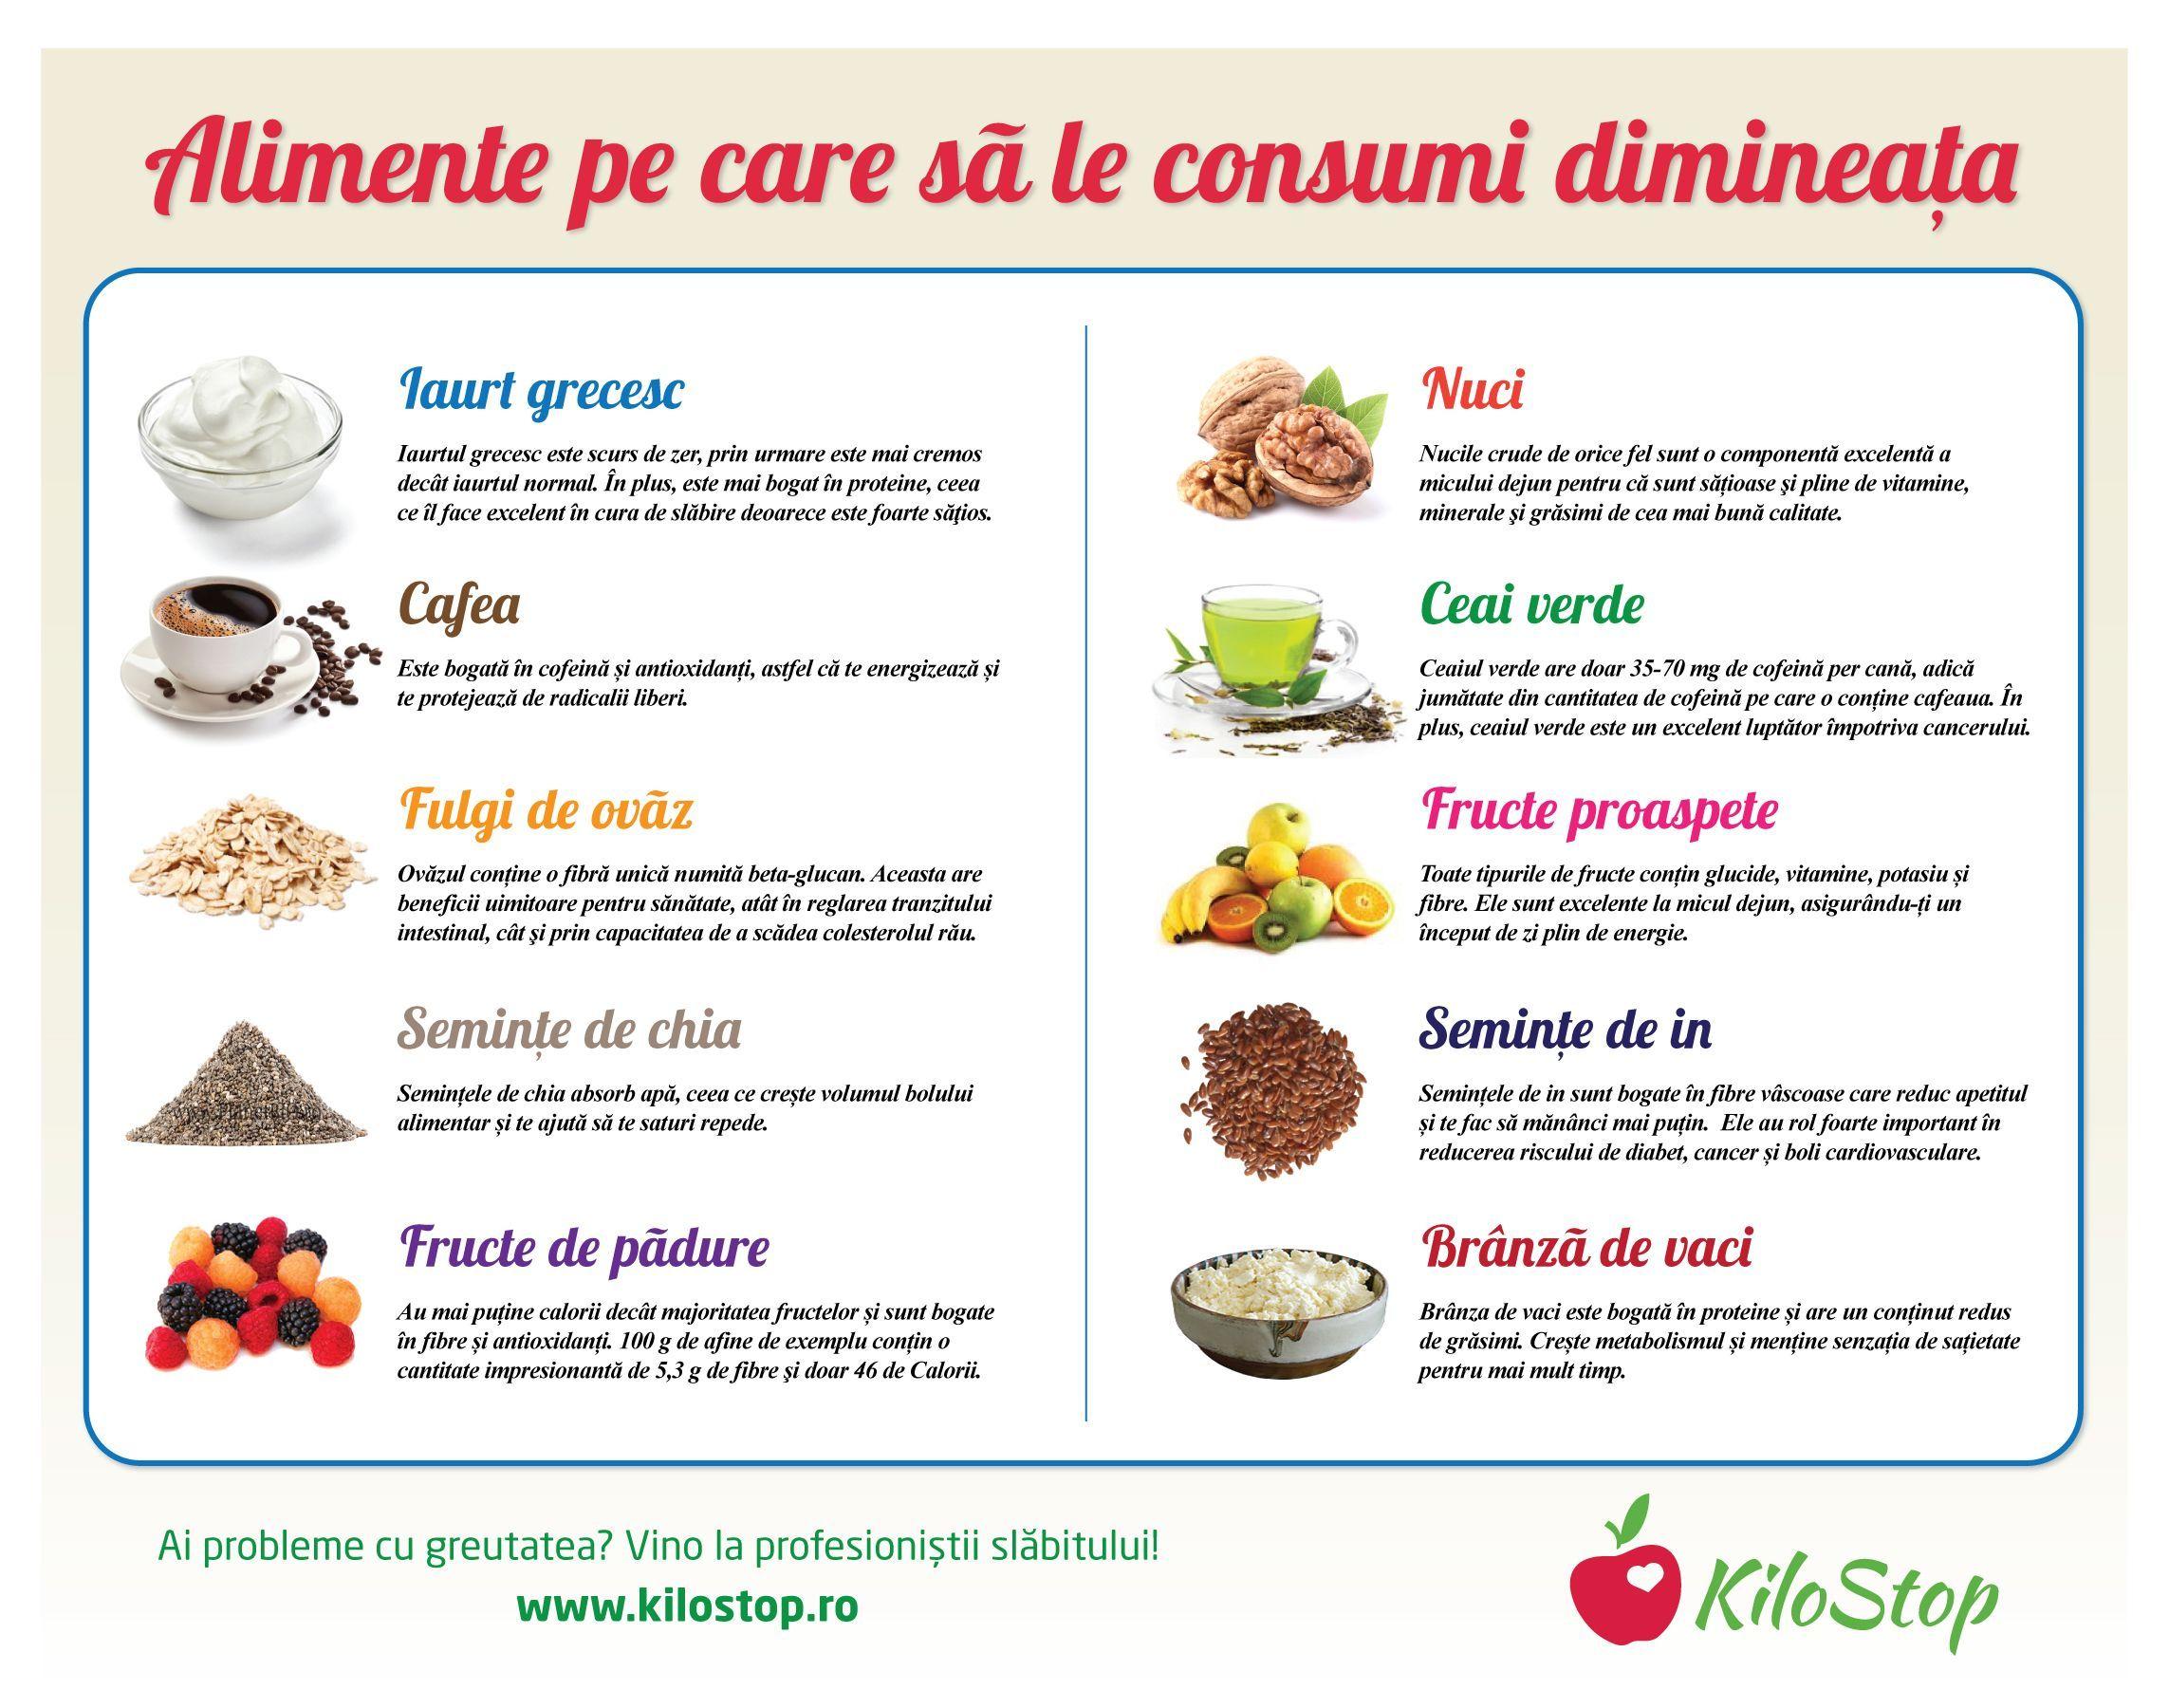 Ce alimente ar trebui să fie eliminate pentru a pierde în greutate